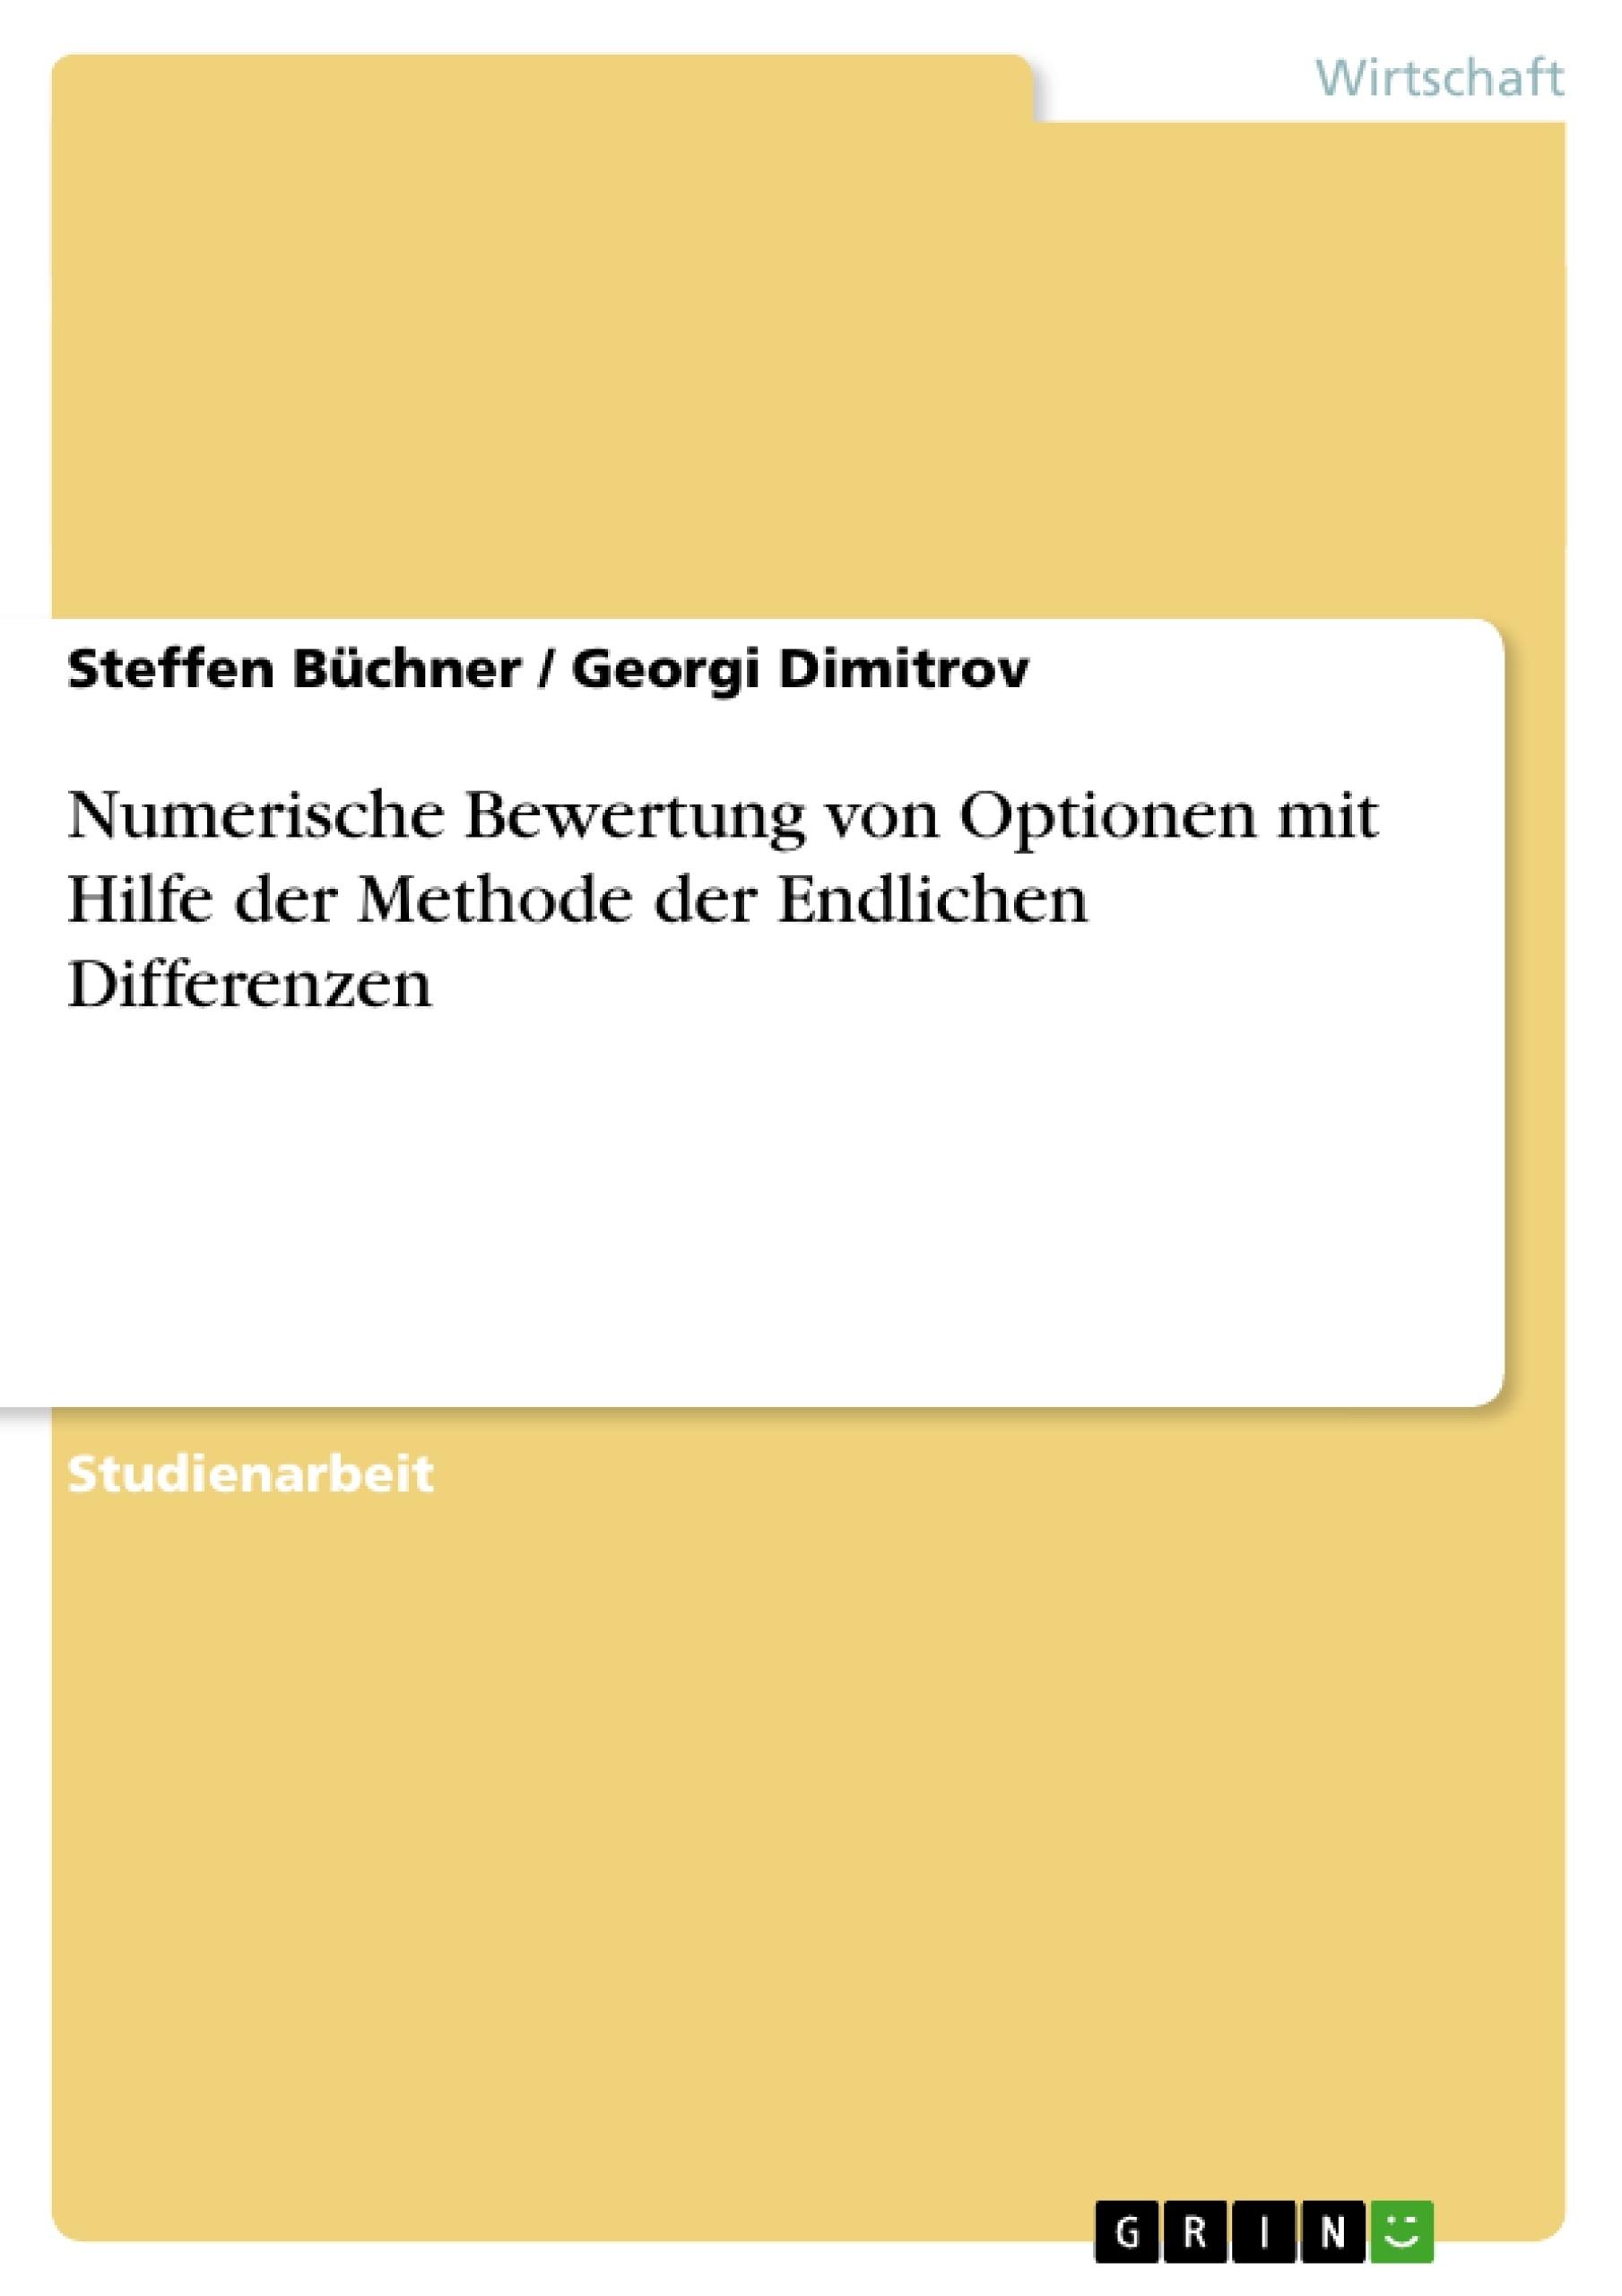 Titel: Numerische Bewertung von Optionen mit Hilfe der Methode der Endlichen Differenzen